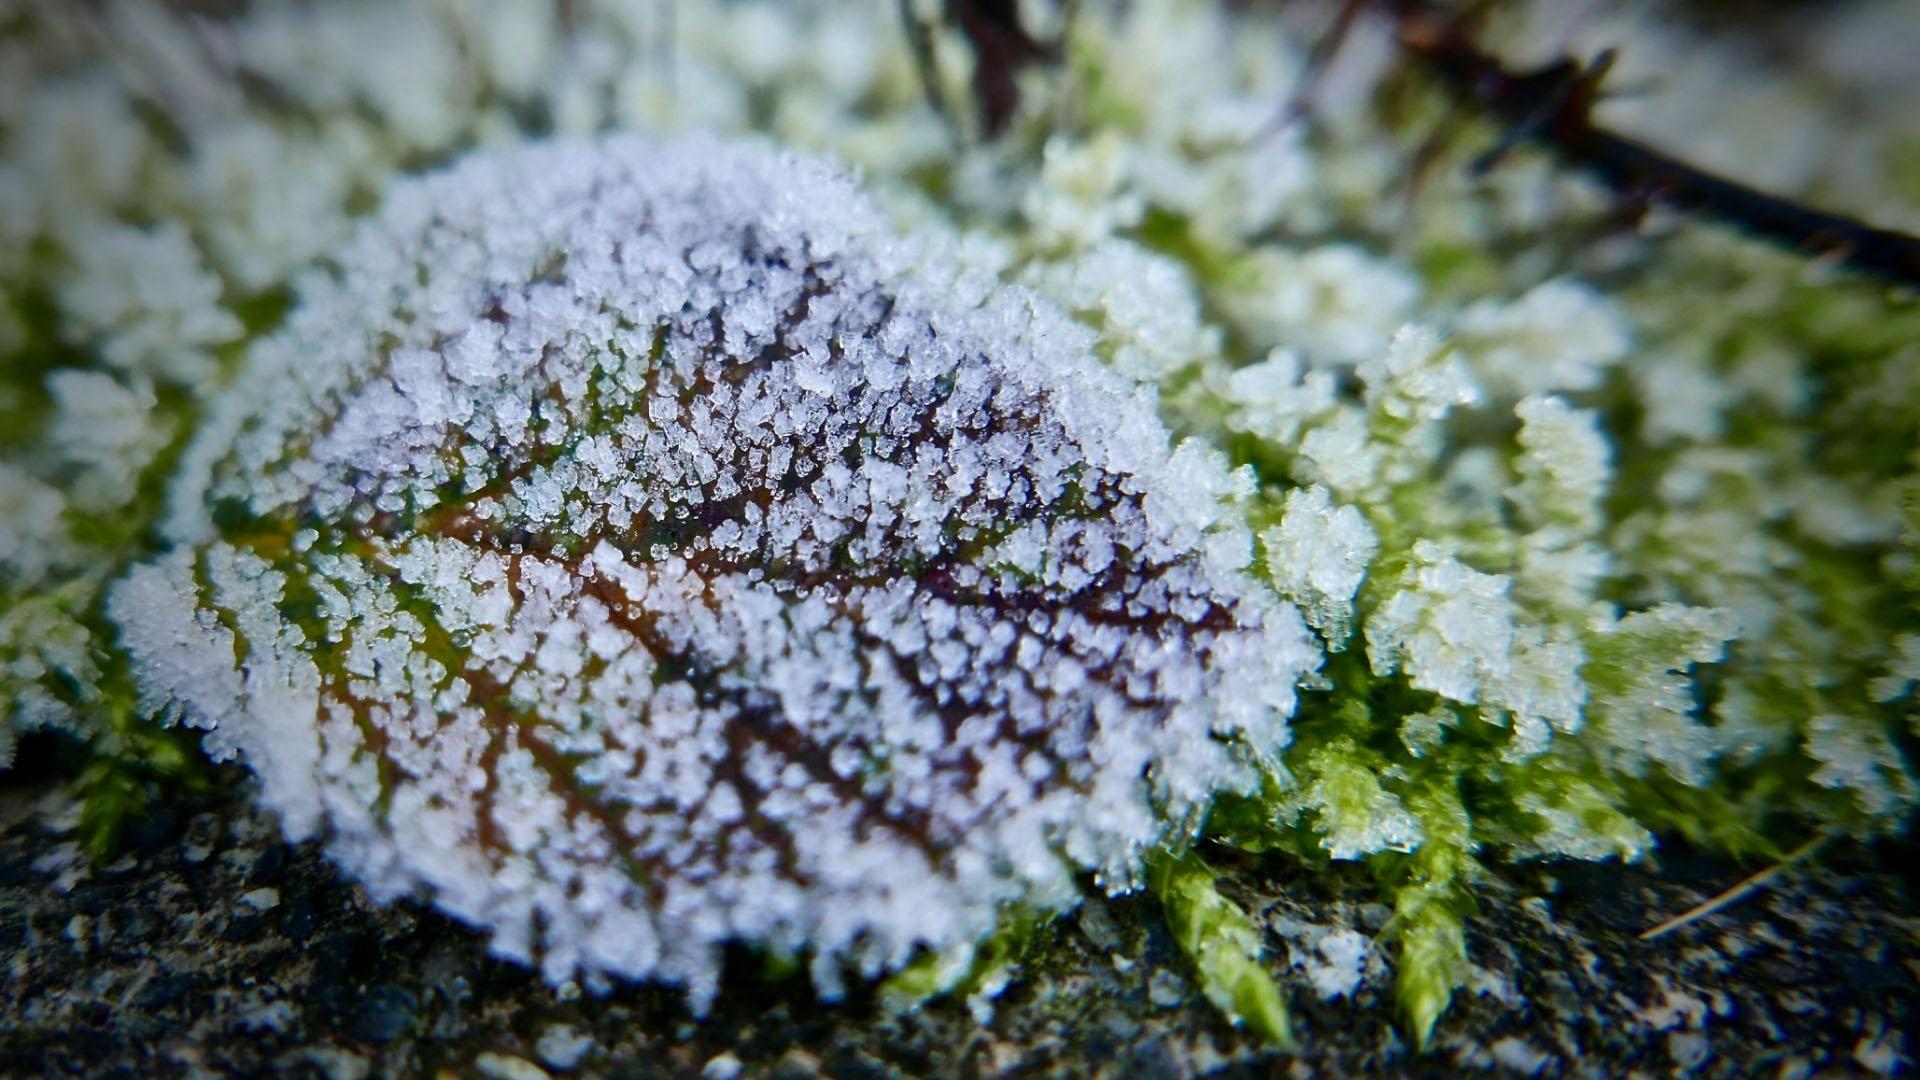 Hình nền mùa đông đẹp và độc đáo